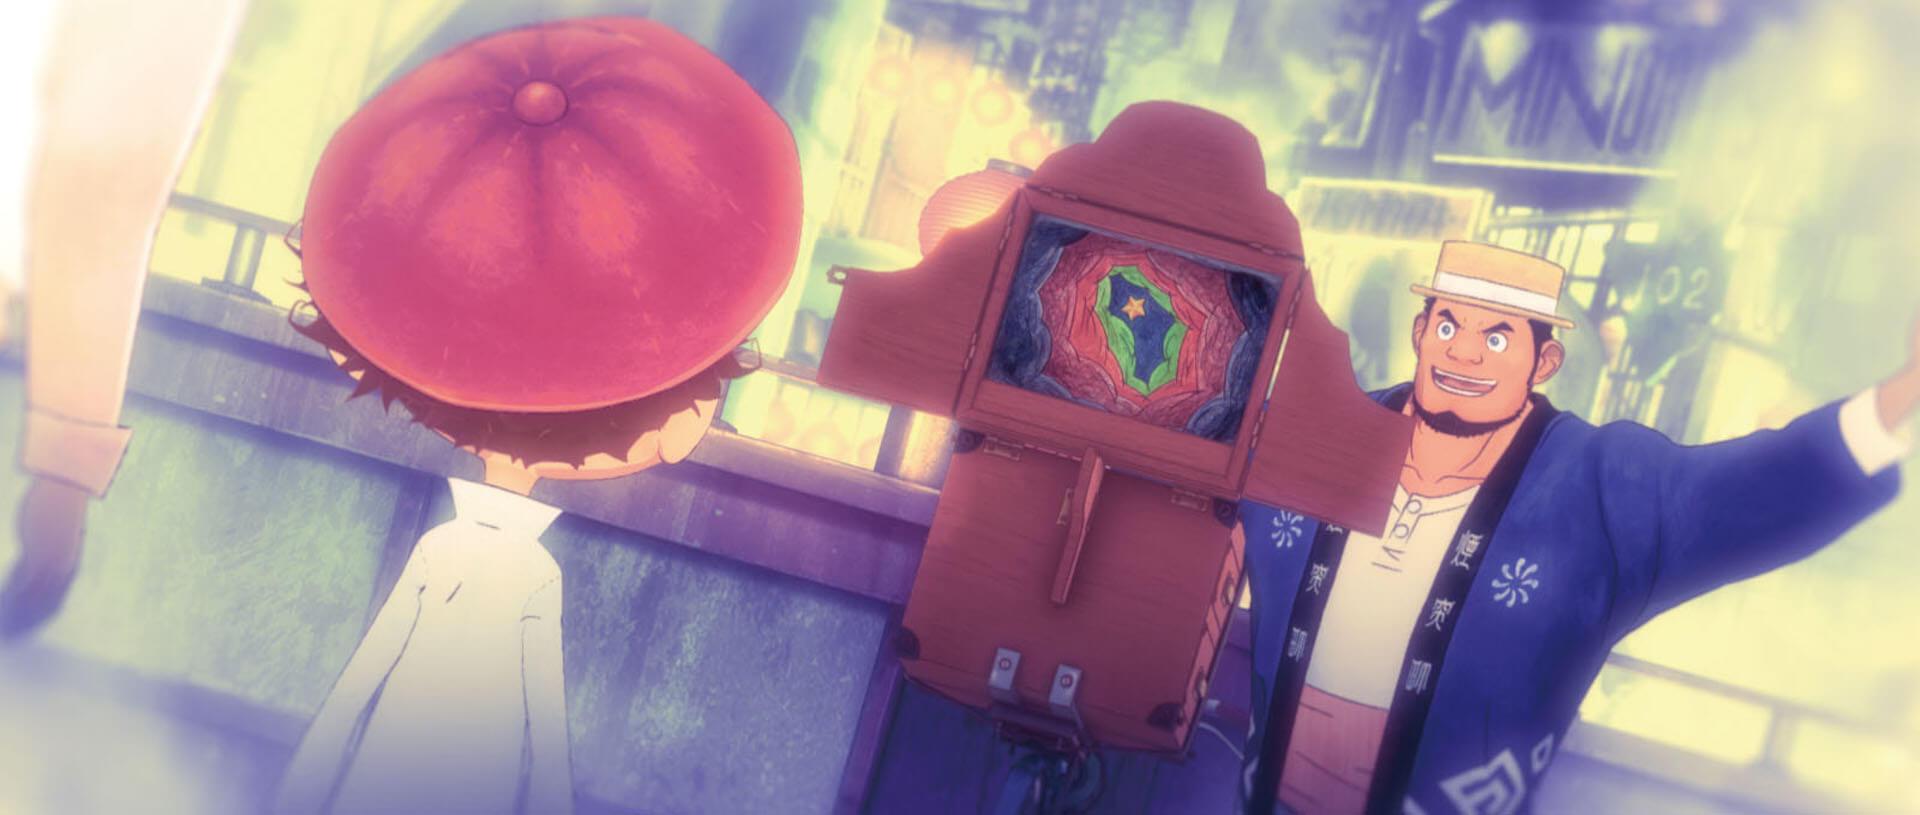 『映画 えんとつ町のプペル』の感動的な冒頭180秒が大公開!芦田愛菜演じるルビッチによるナレーションにも注目 film201216_poupelle_2